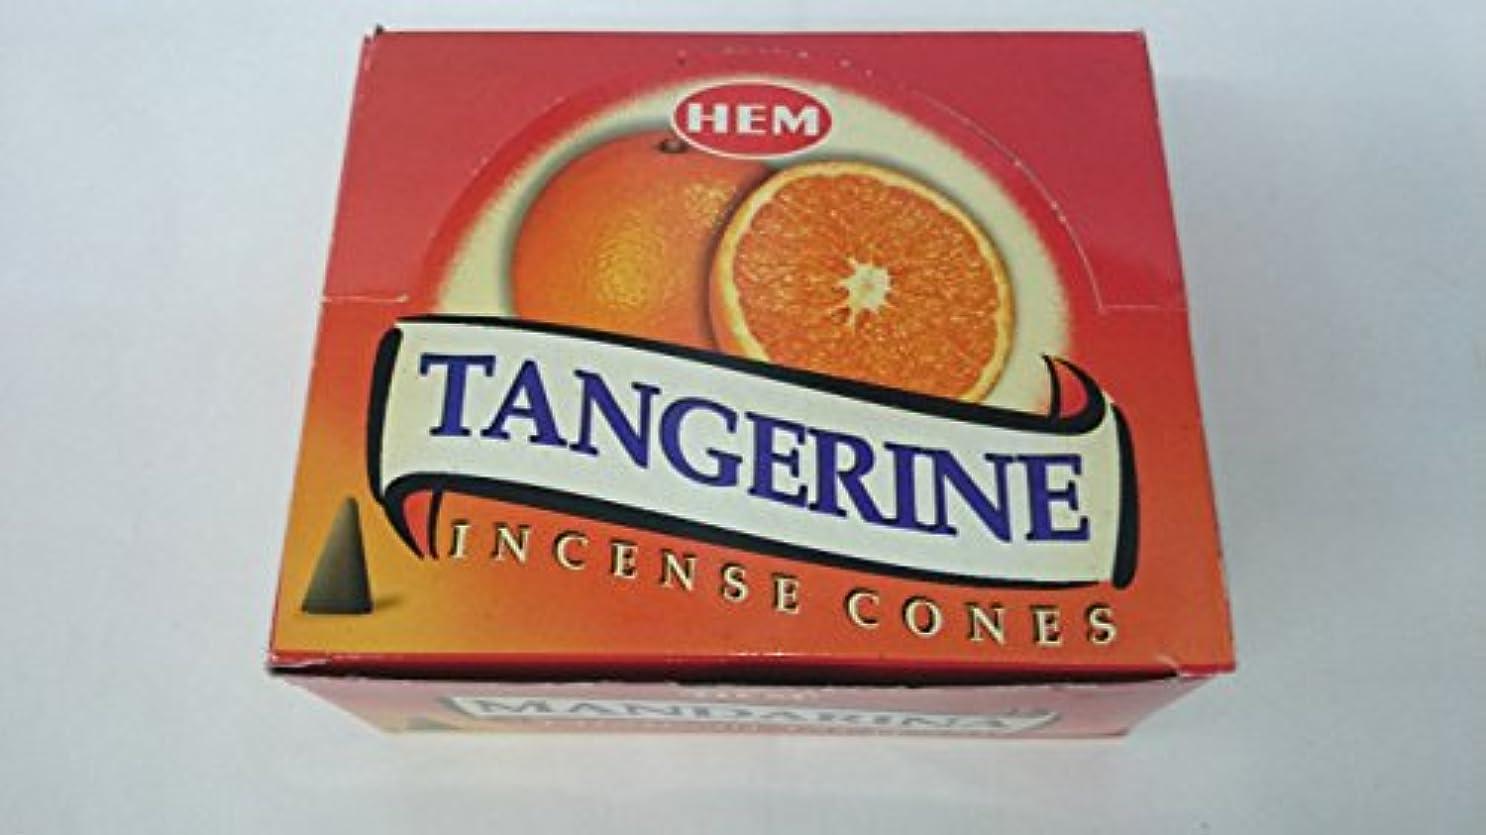 HEM(ヘム)お香 タンジェリン(マンダリン オレンジ) コーンタイプ 1ケース(10粒入り1箱×12箱)